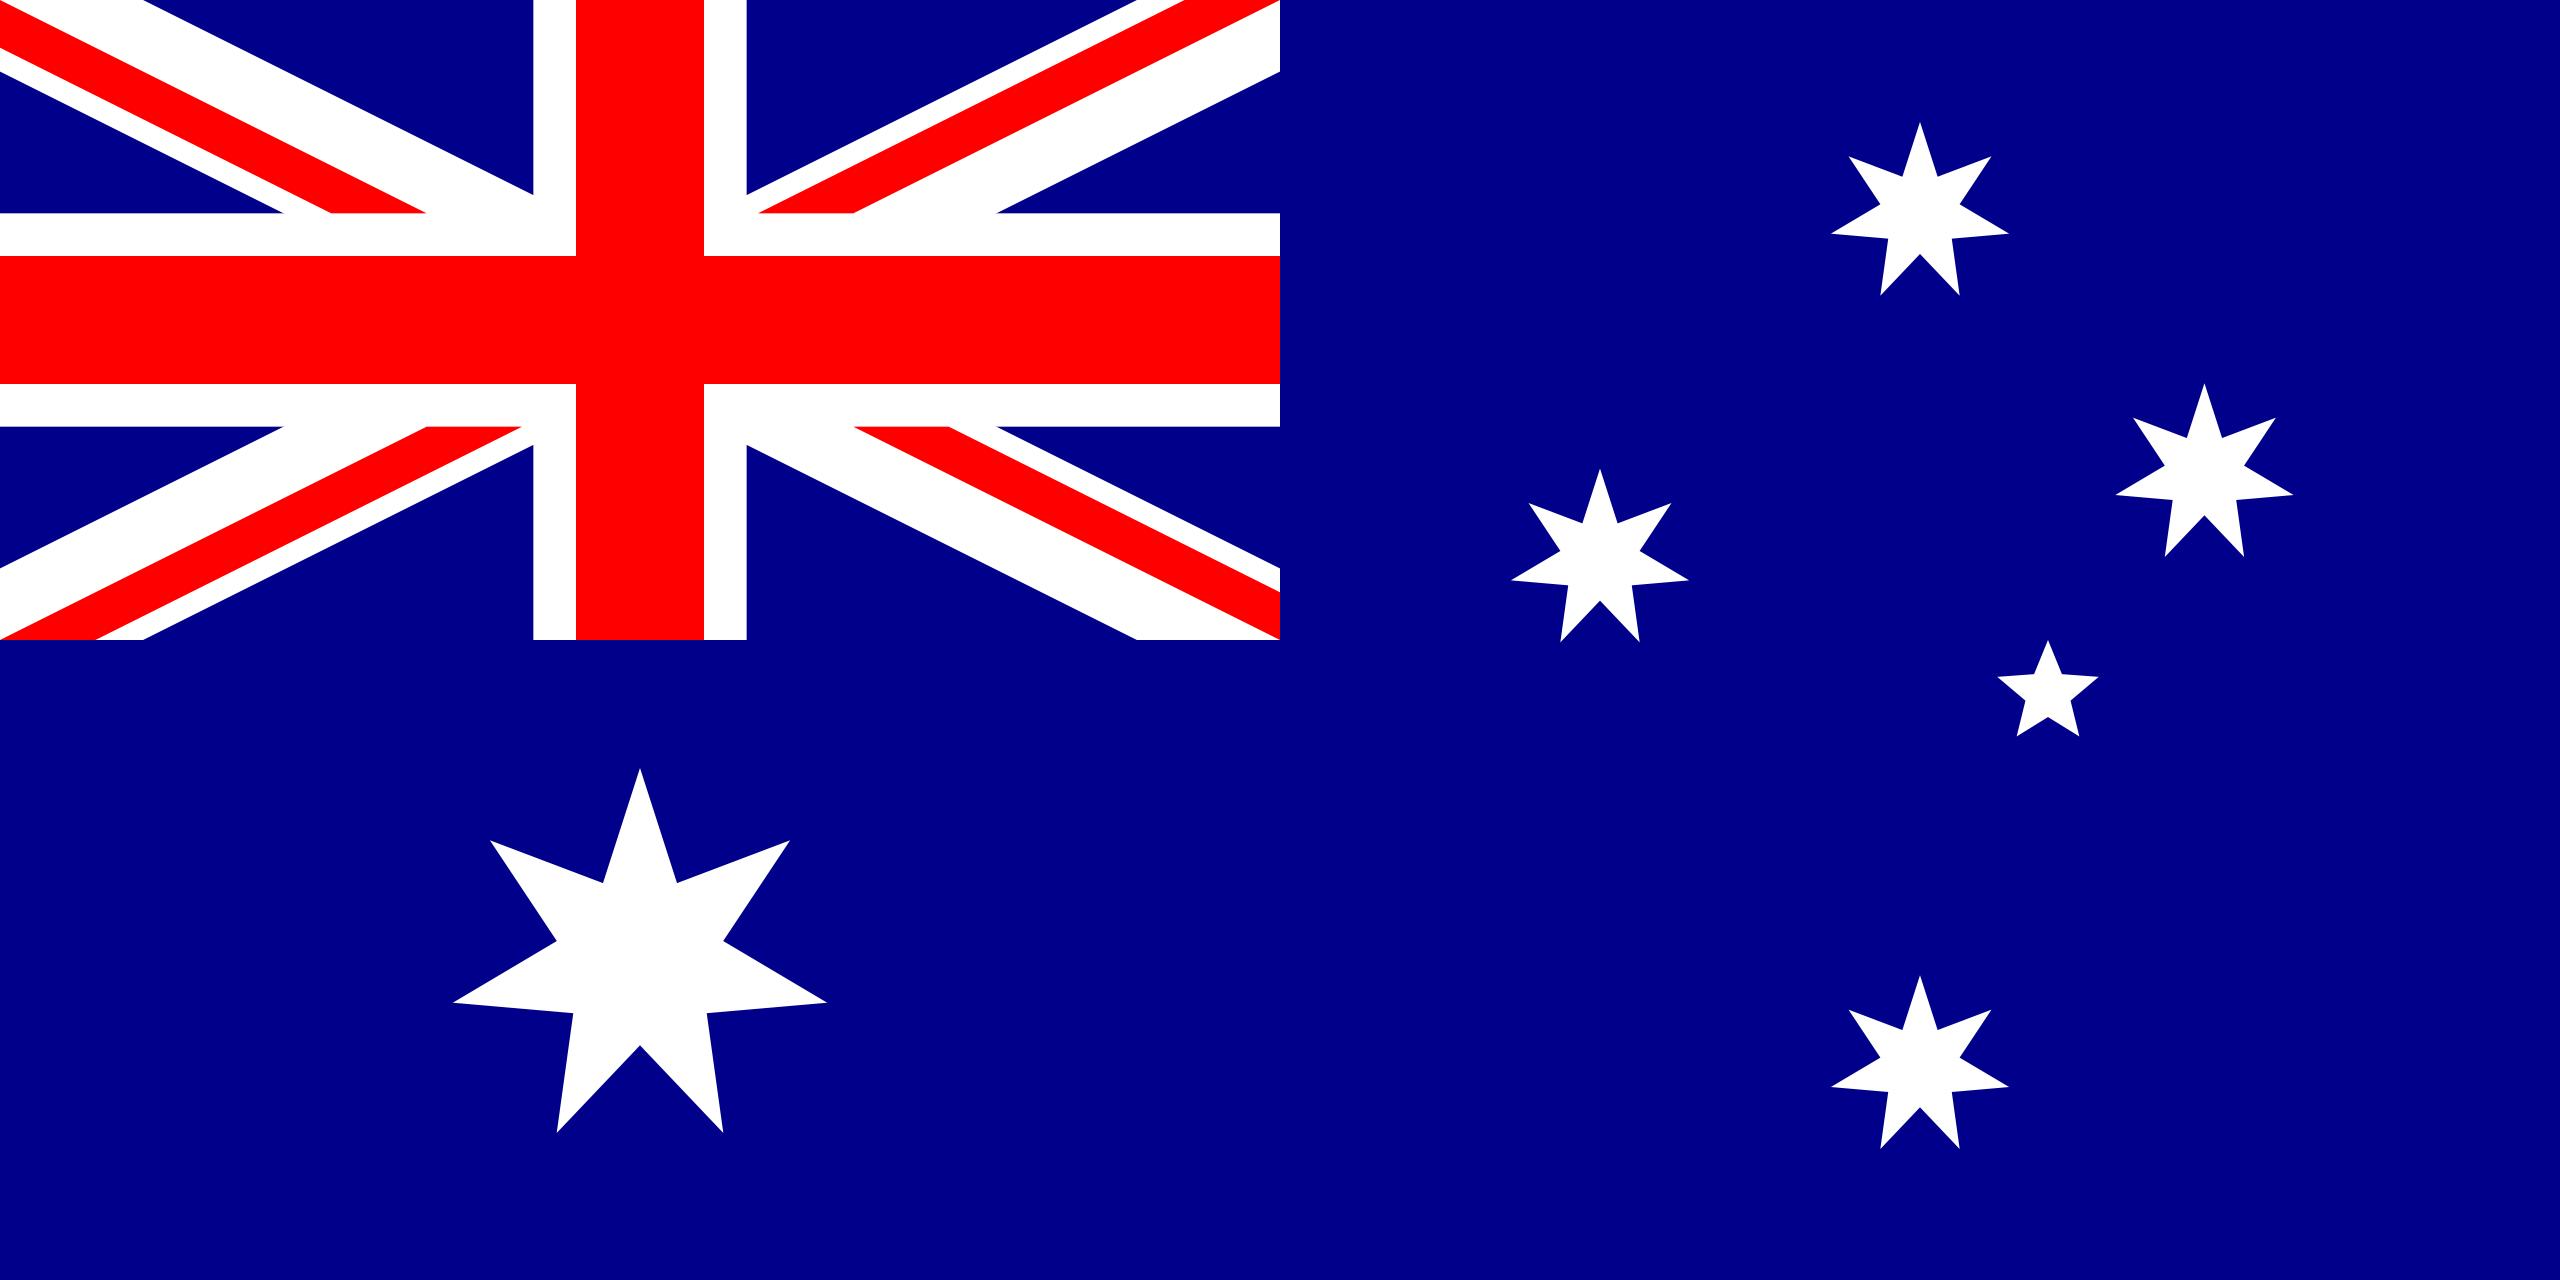 australia, país, Brasão de armas, logotipo, símbolo - Papéis de parede HD - Professor-falken.com